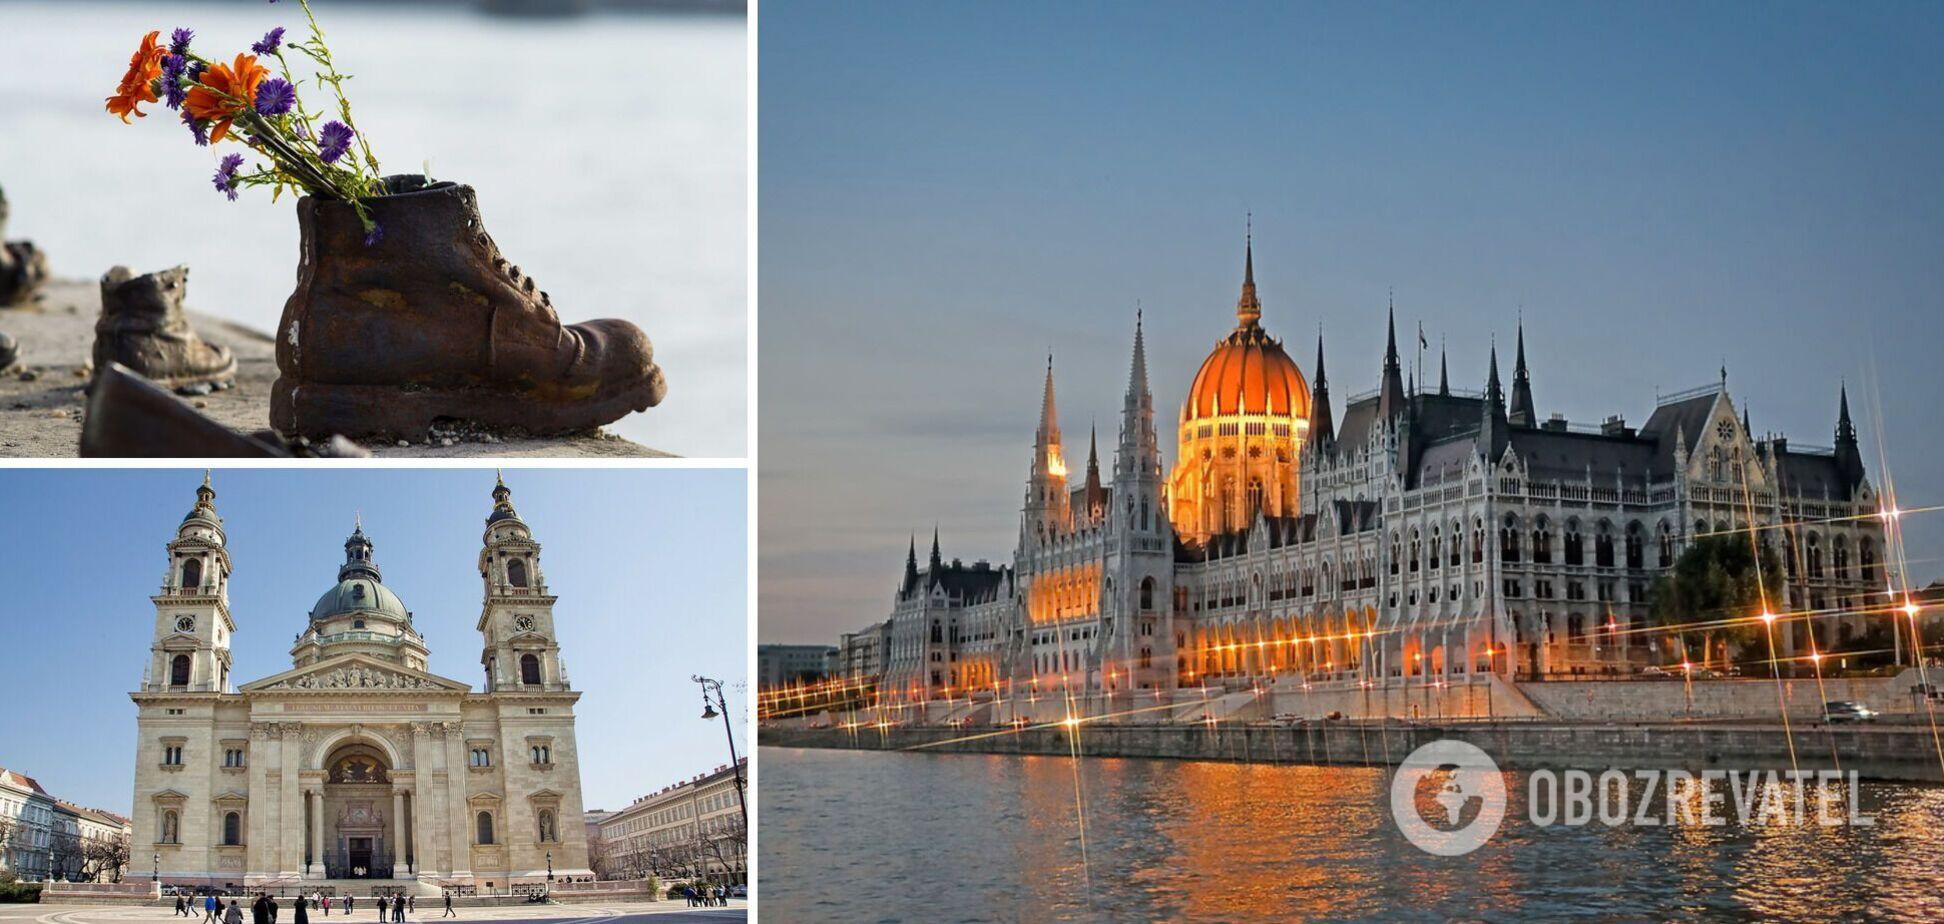 Як з'їздити в Будапешт за 5 тисяч гривень. Розповідаємо про лайфхаки економної, але яскравої подорожі